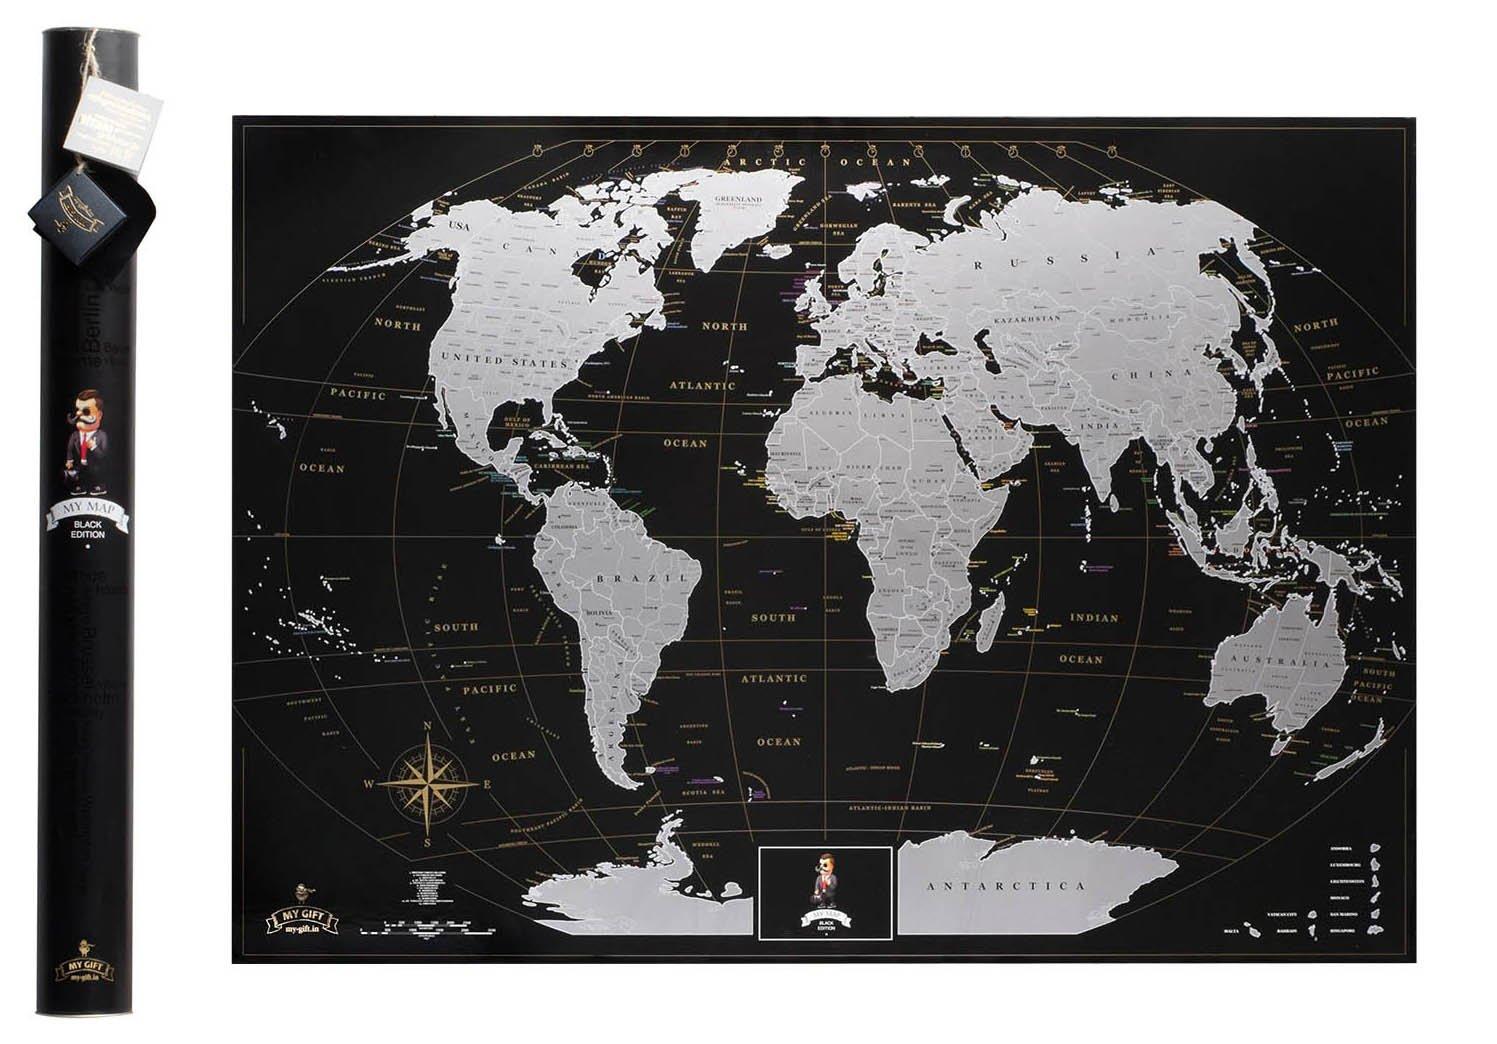 scratchable mapa del mundo - PREMIUM CALIDAD plata Deluxe Edition - Rastreador personalizado de viaje Póster - compartir y recordar su viaje más aventuras ...